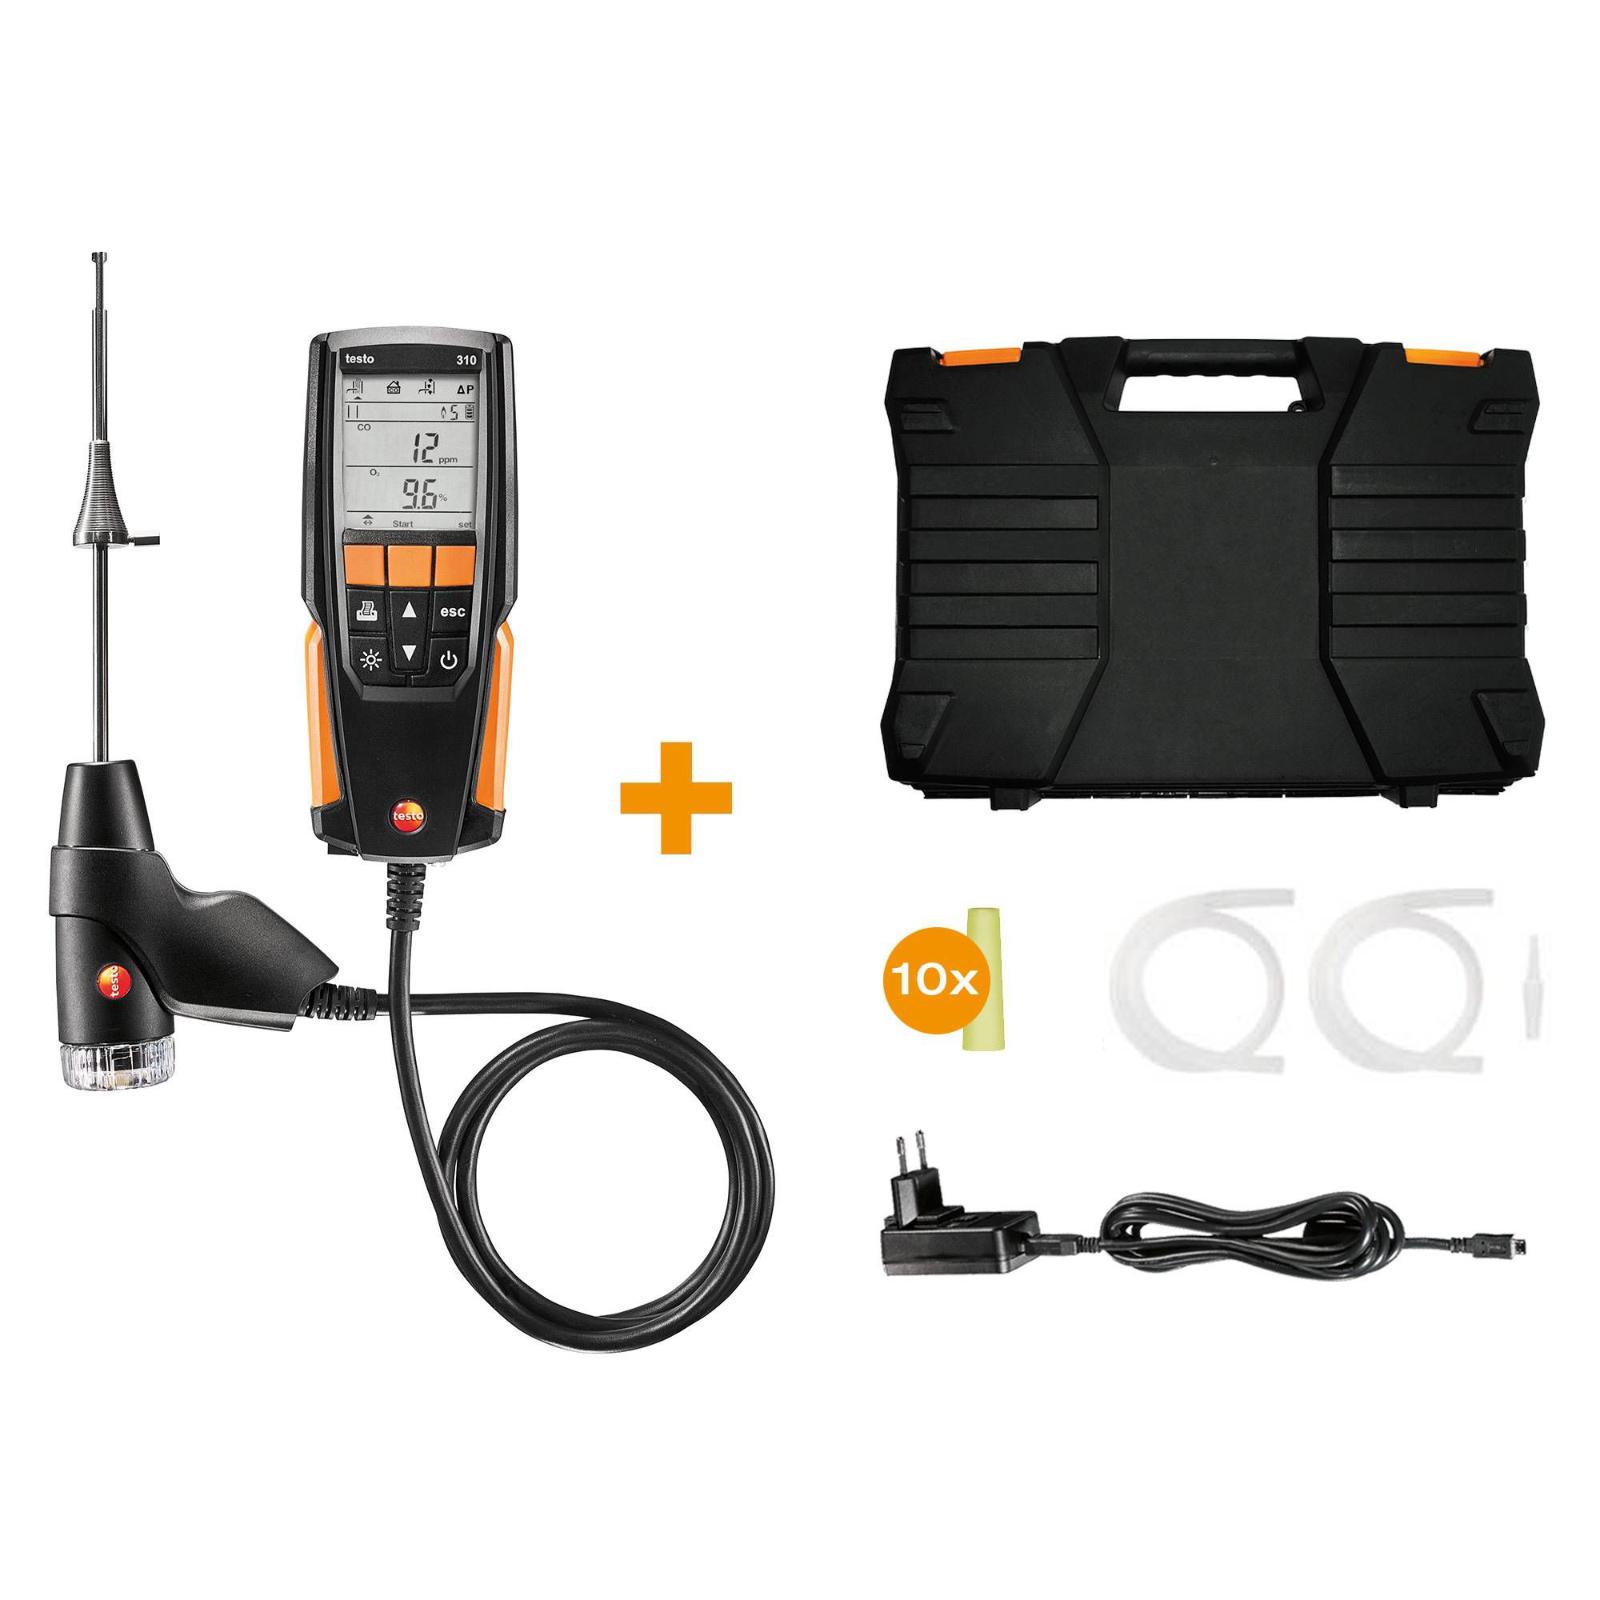 testo Malaysia 310 | Entry-Level Flue Gas Analyzer